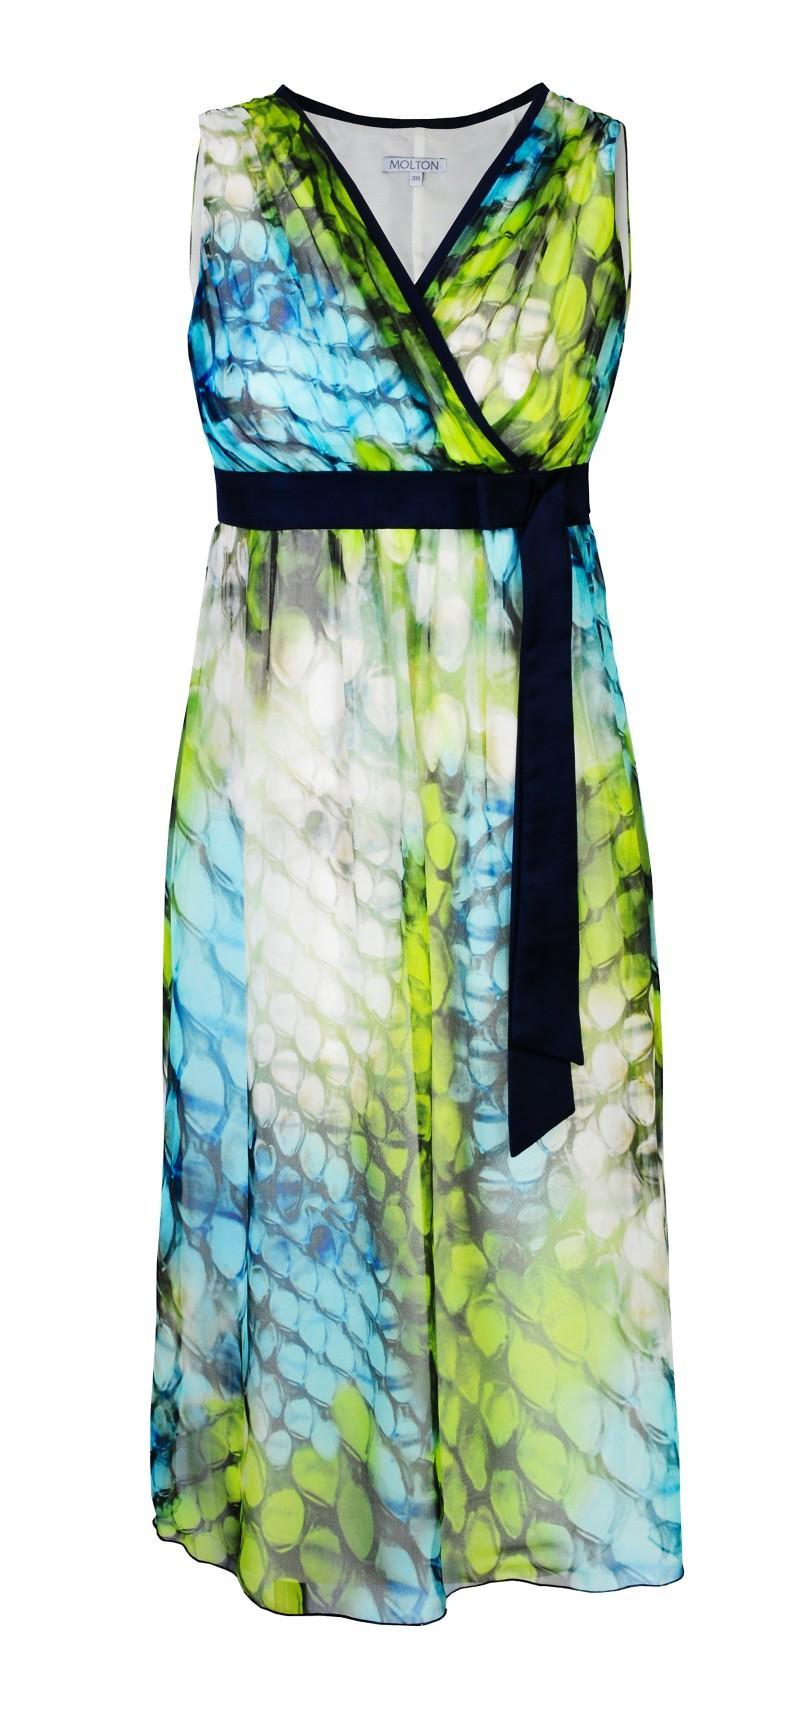 kolorowa sukienka Molton - kolekcja na lato